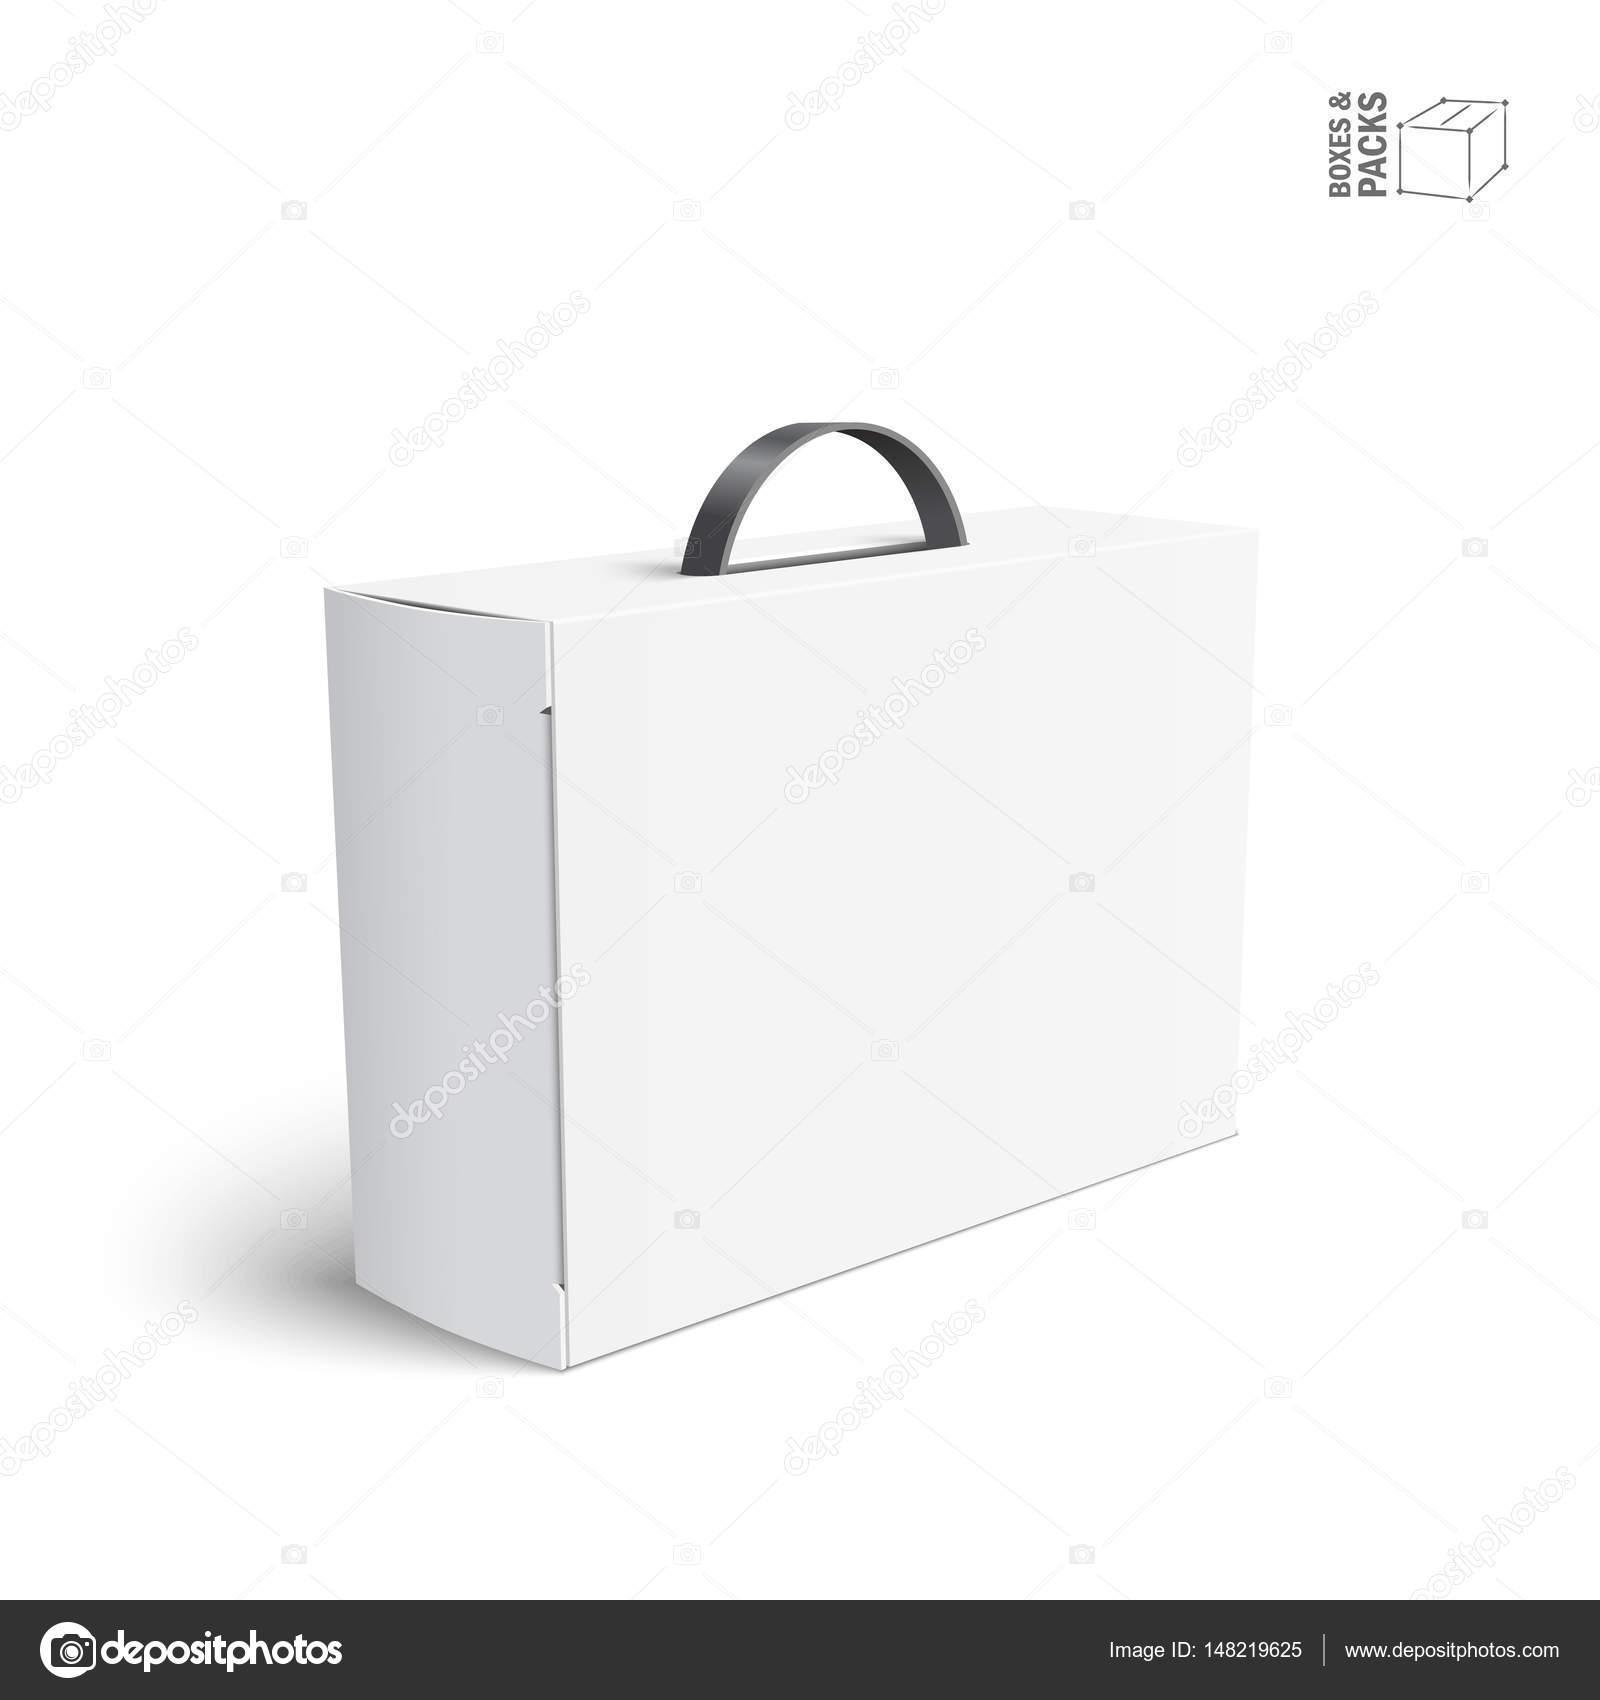 Boite De Carton Ou En Plastique Blanc Paquet Vide Avec Poignee